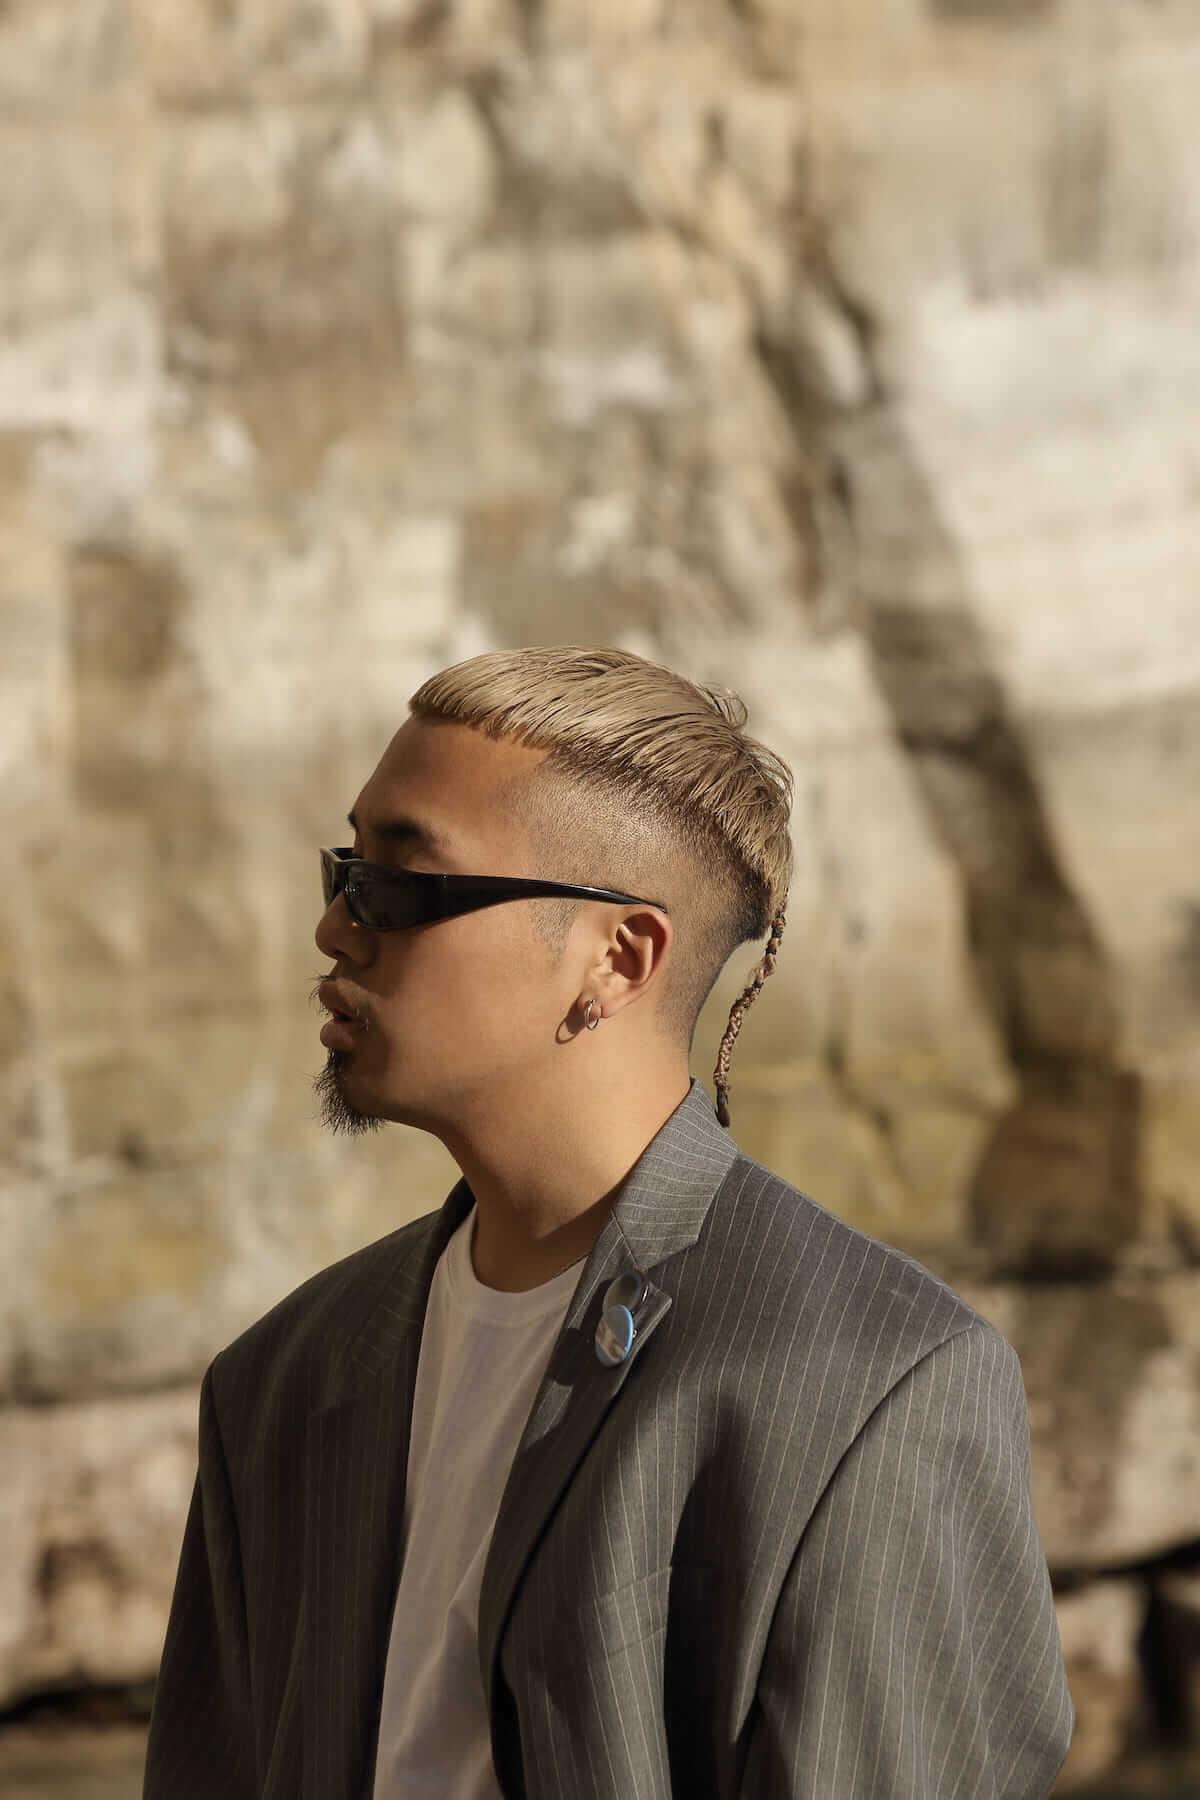 世界No.1のヒップホップフェス「Rolling Loud」が7月に日本初上陸│KAYTRANADAやKOHH、kZm、DJ MARZYの出演が決定 music180618_rolling-loud-japan-2018-pre-roll-4-1-1200x1800